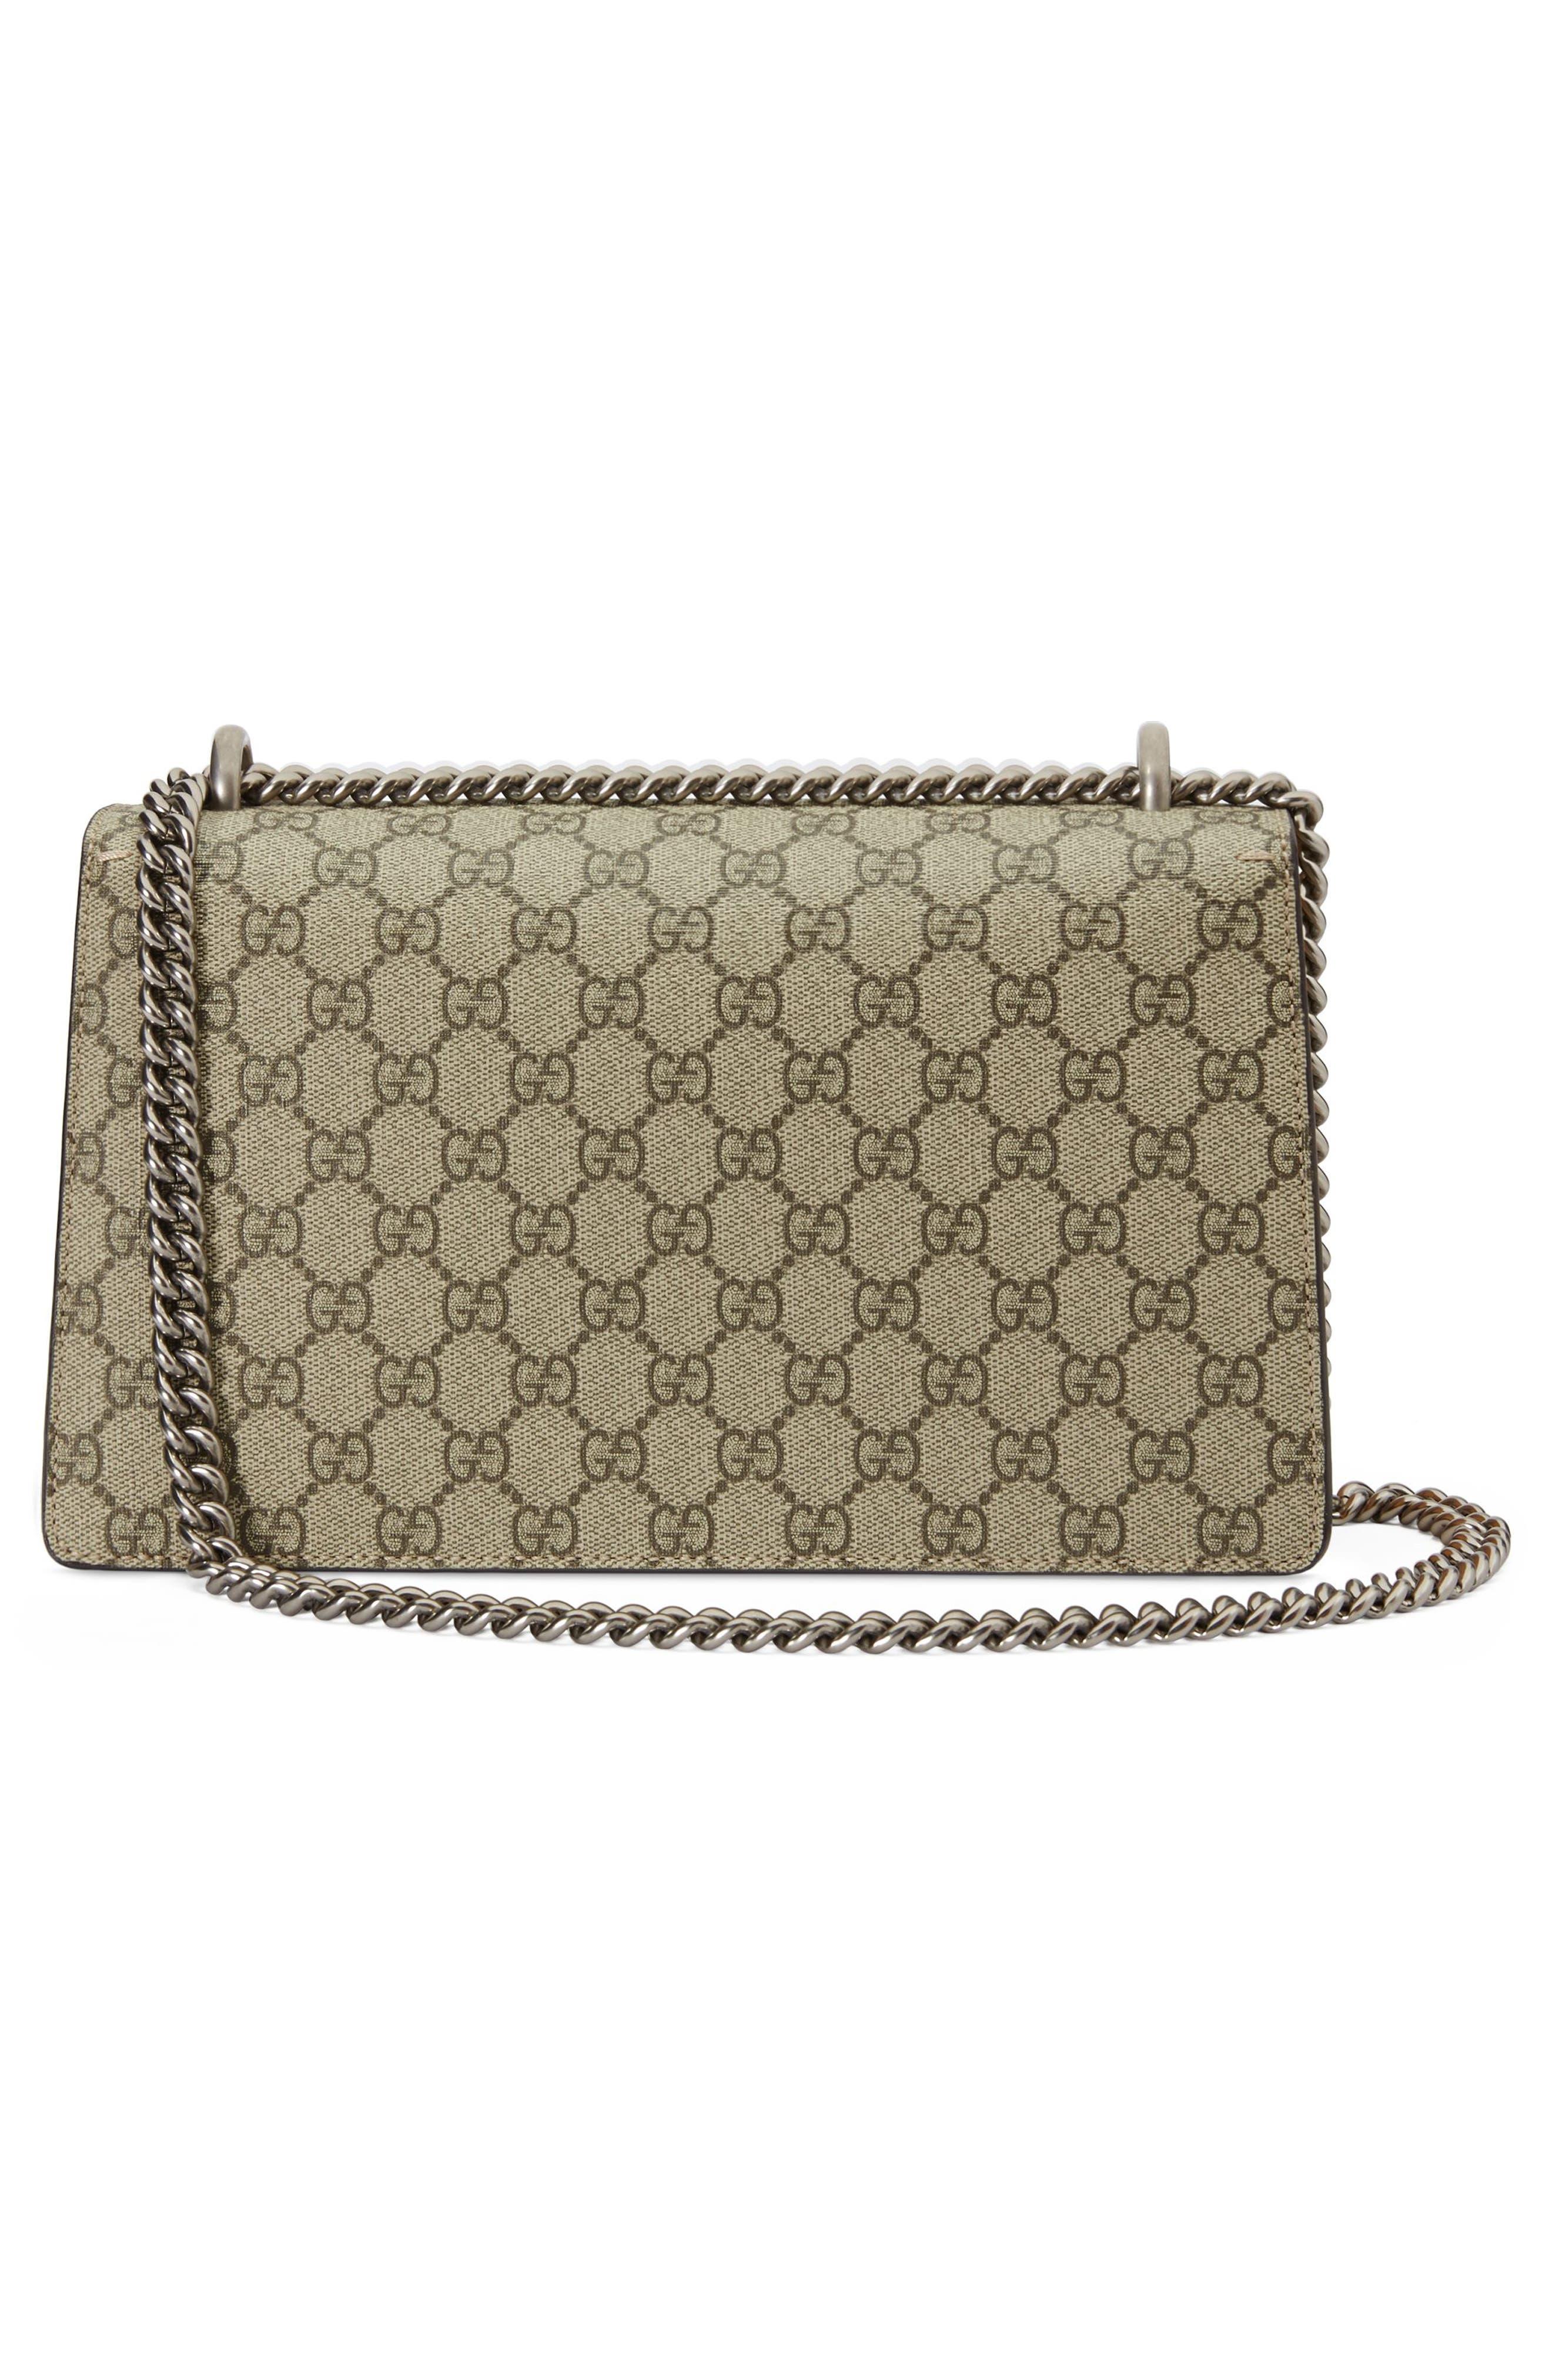 Small Dionysus Embellished GG Supreme & Genuine Python Shoulder Bag,                             Alternate thumbnail 2, color,                             268